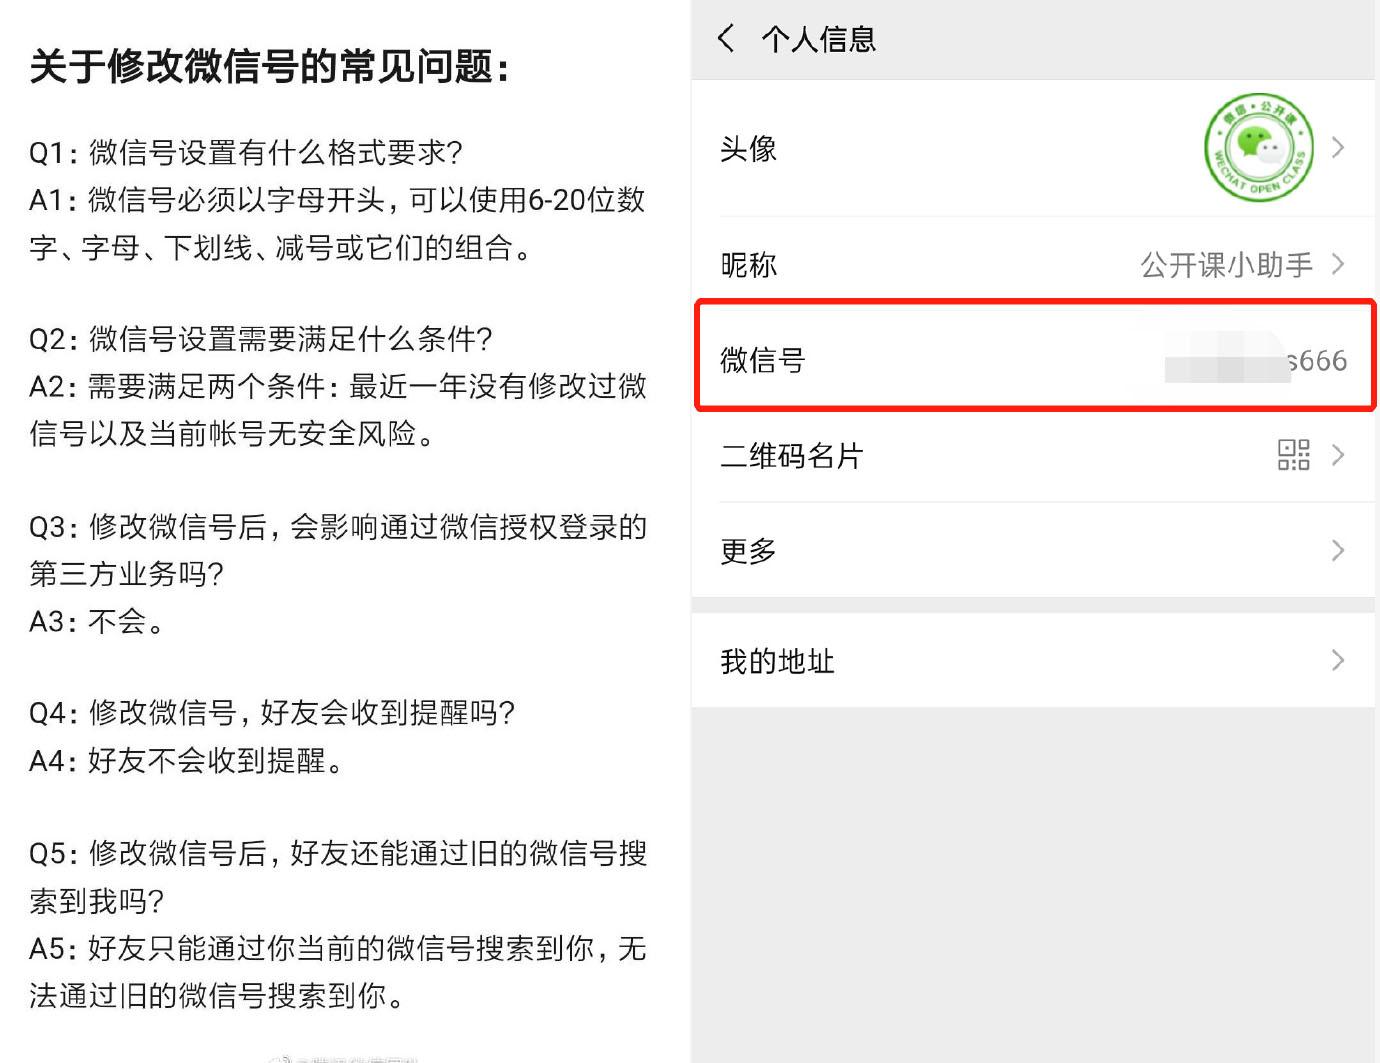 等到了,微信终于支持更改账号了,用户一年可修改一次